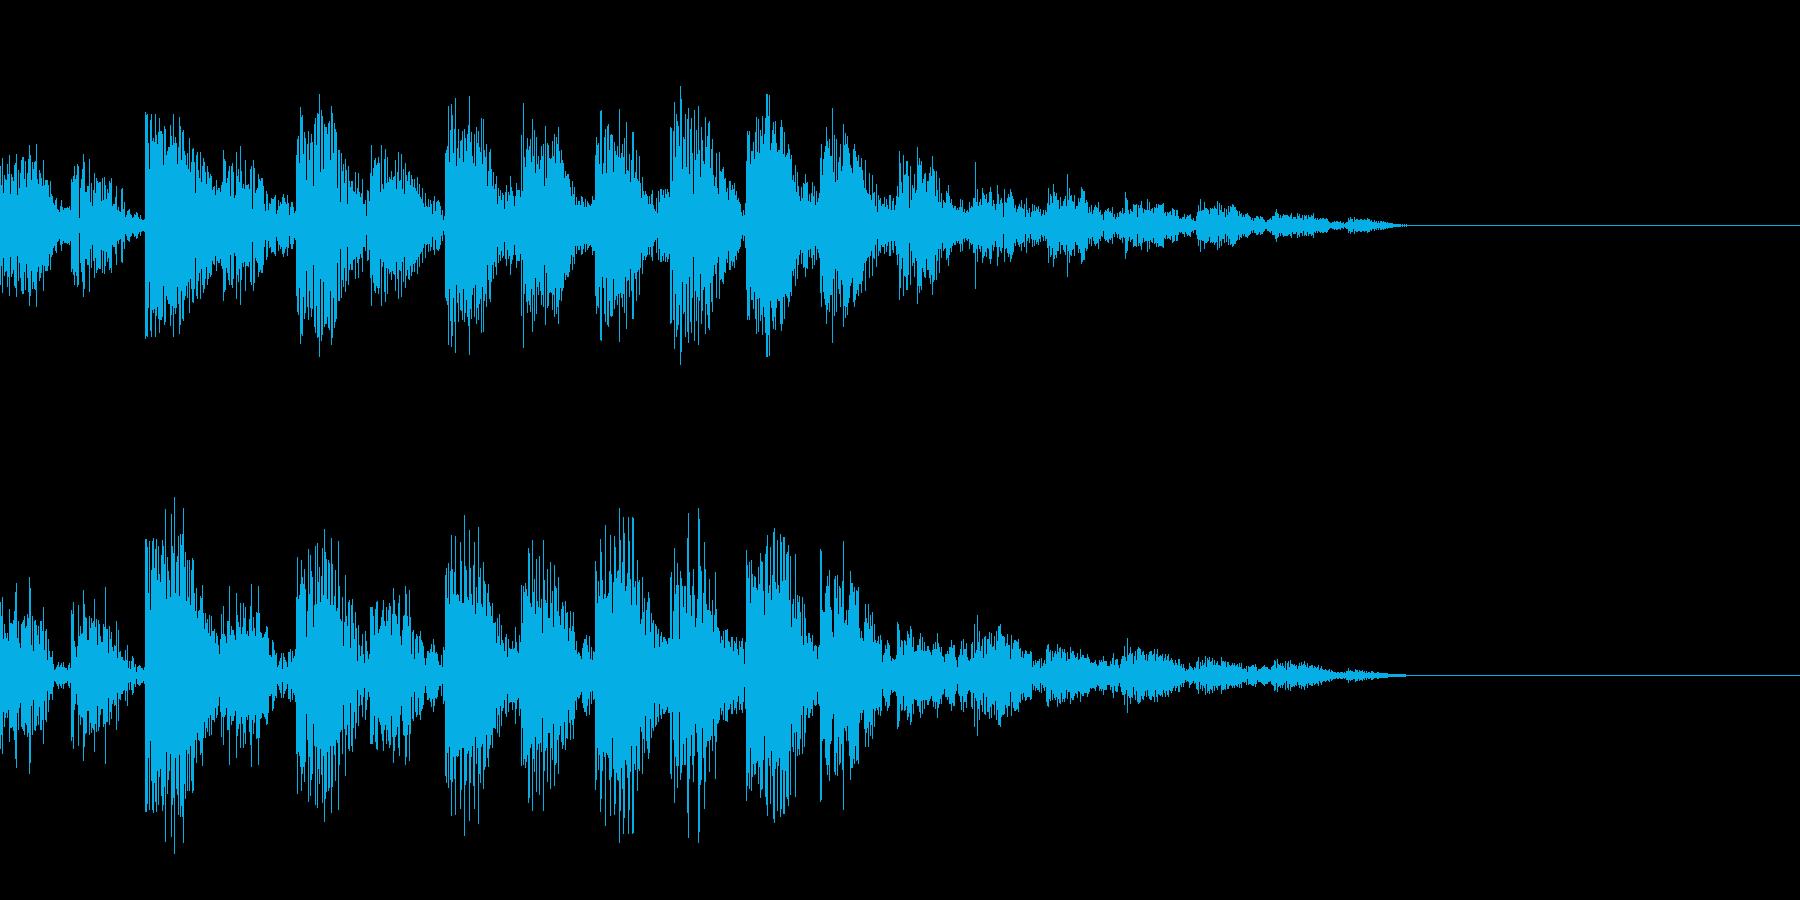 データローディング中の音の再生済みの波形